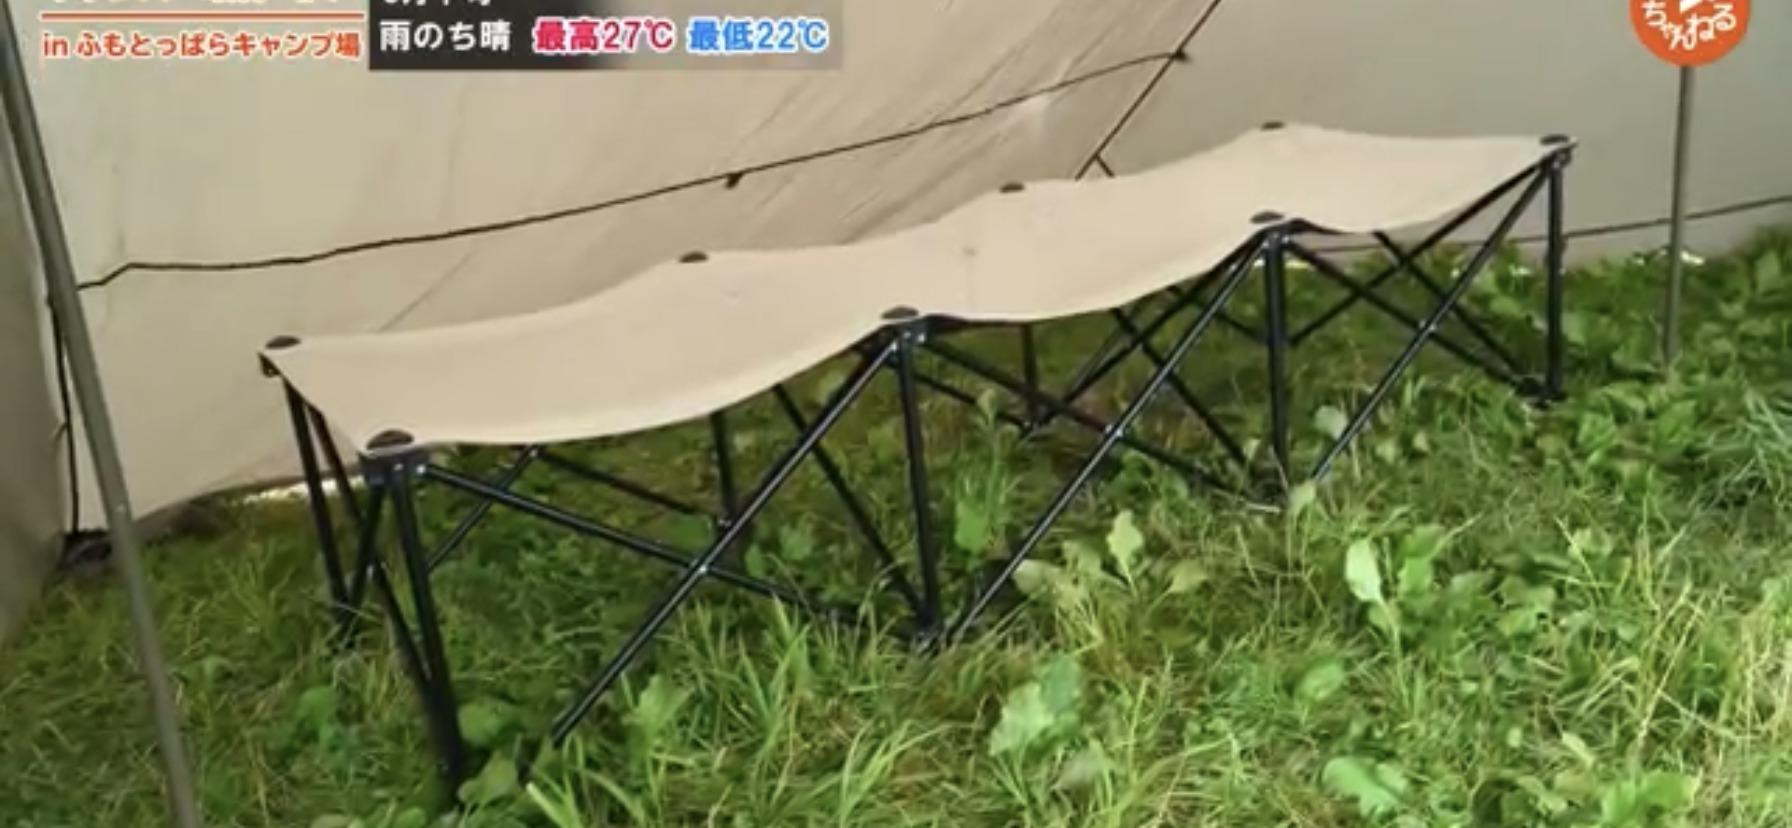 折りたたみ式ベッド:【鎌倉天幕】コット